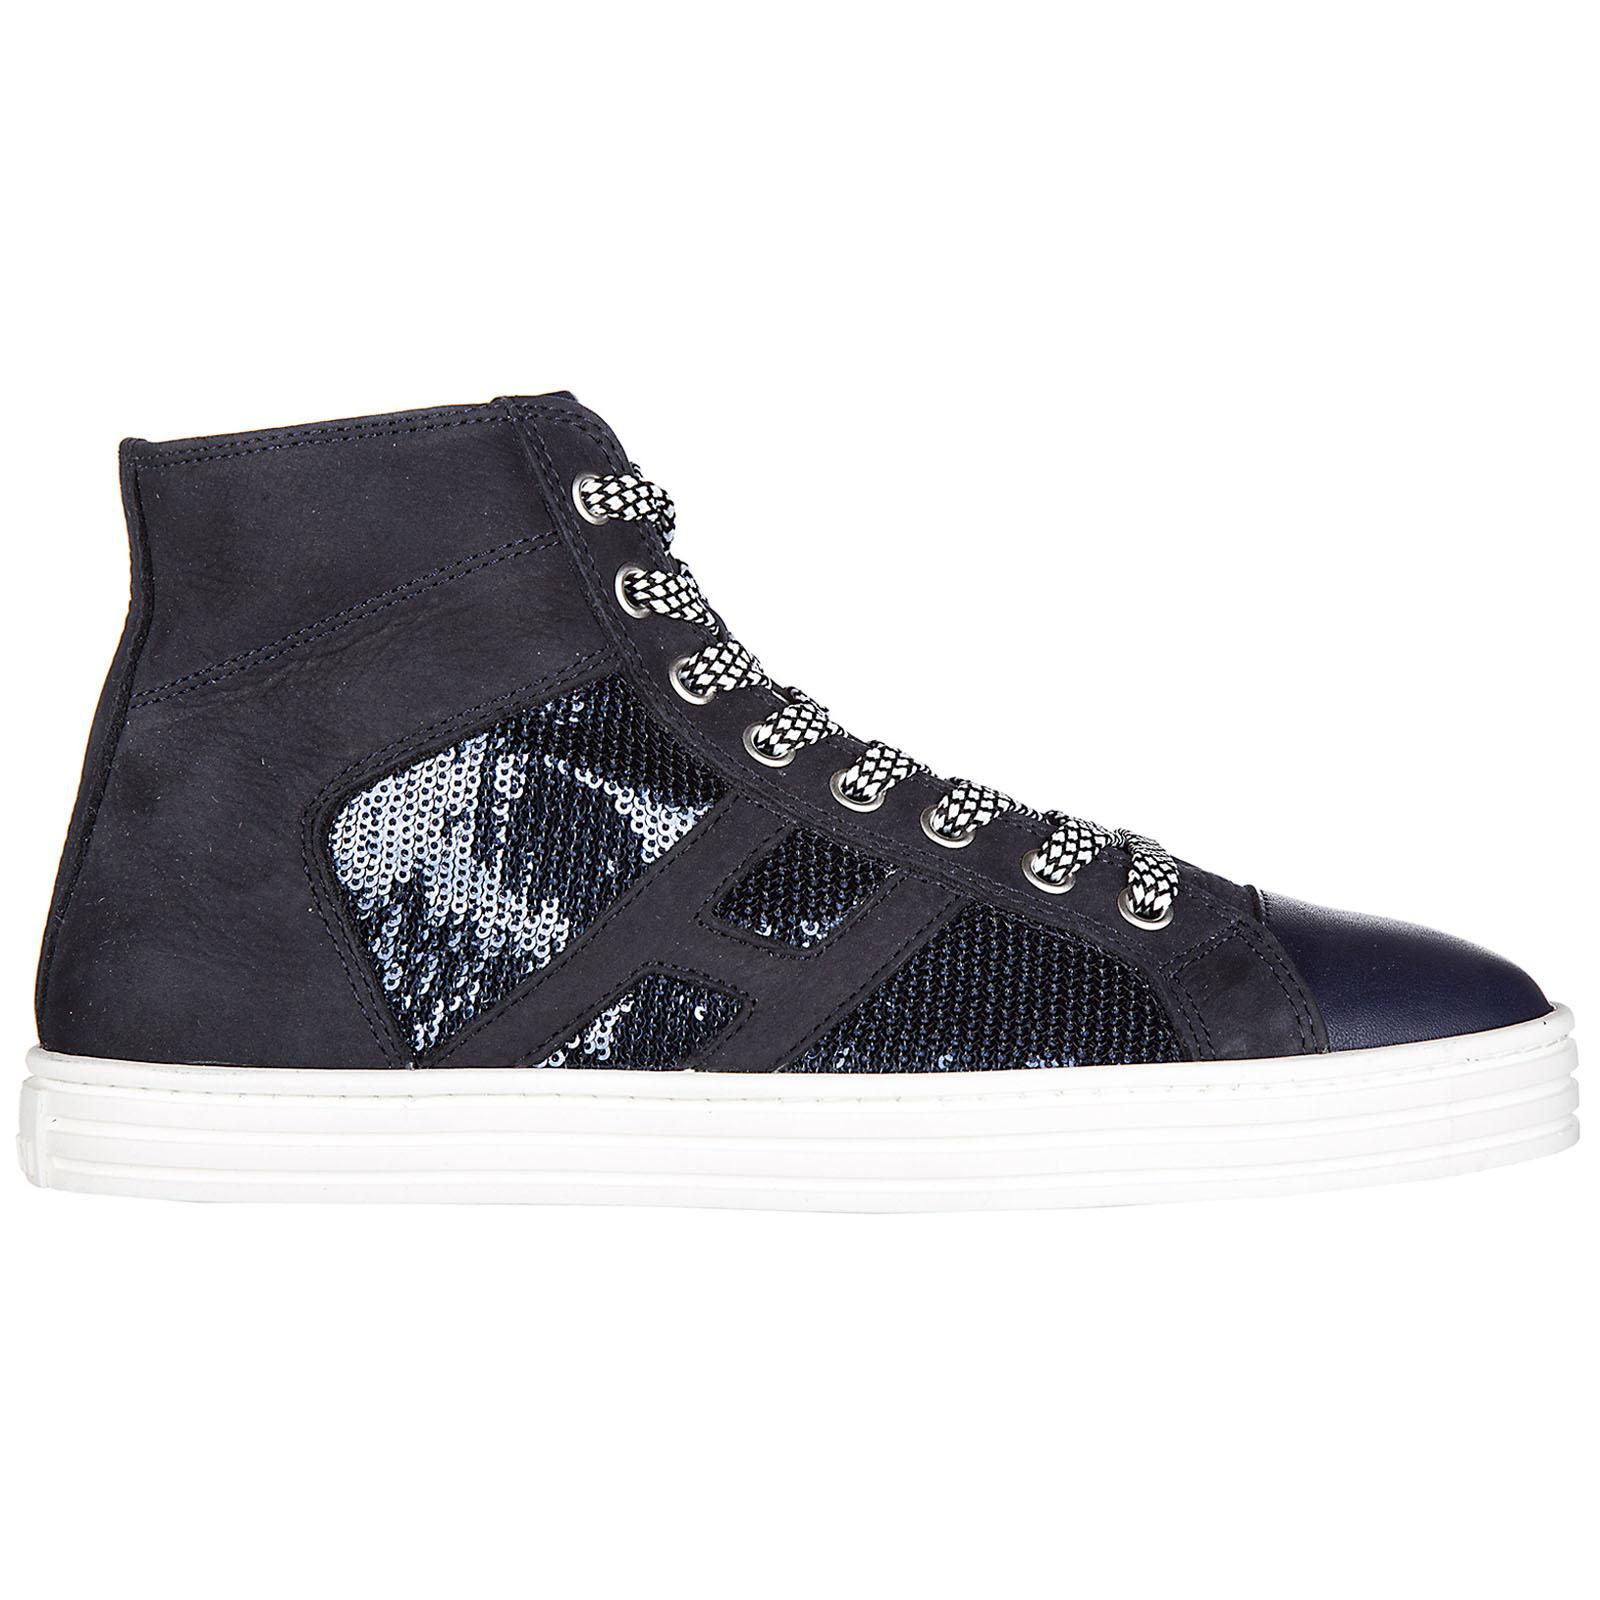 Scarpe sneakers alte donna in camoscio r141 laterale pailettes